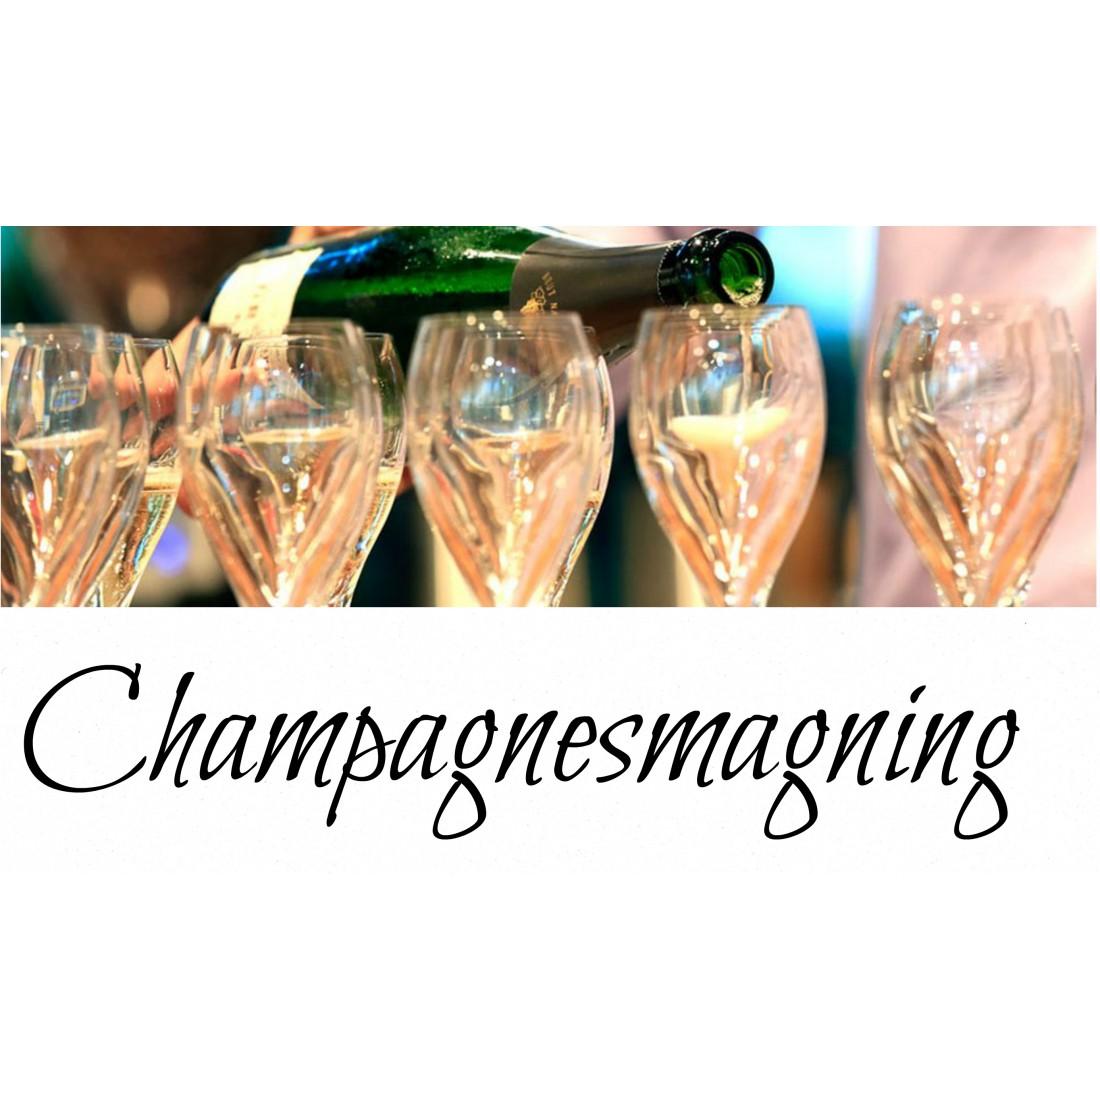 Champagnesmagning lørdag den 4 april kl. 19.00 I ChampagneKælderen-31